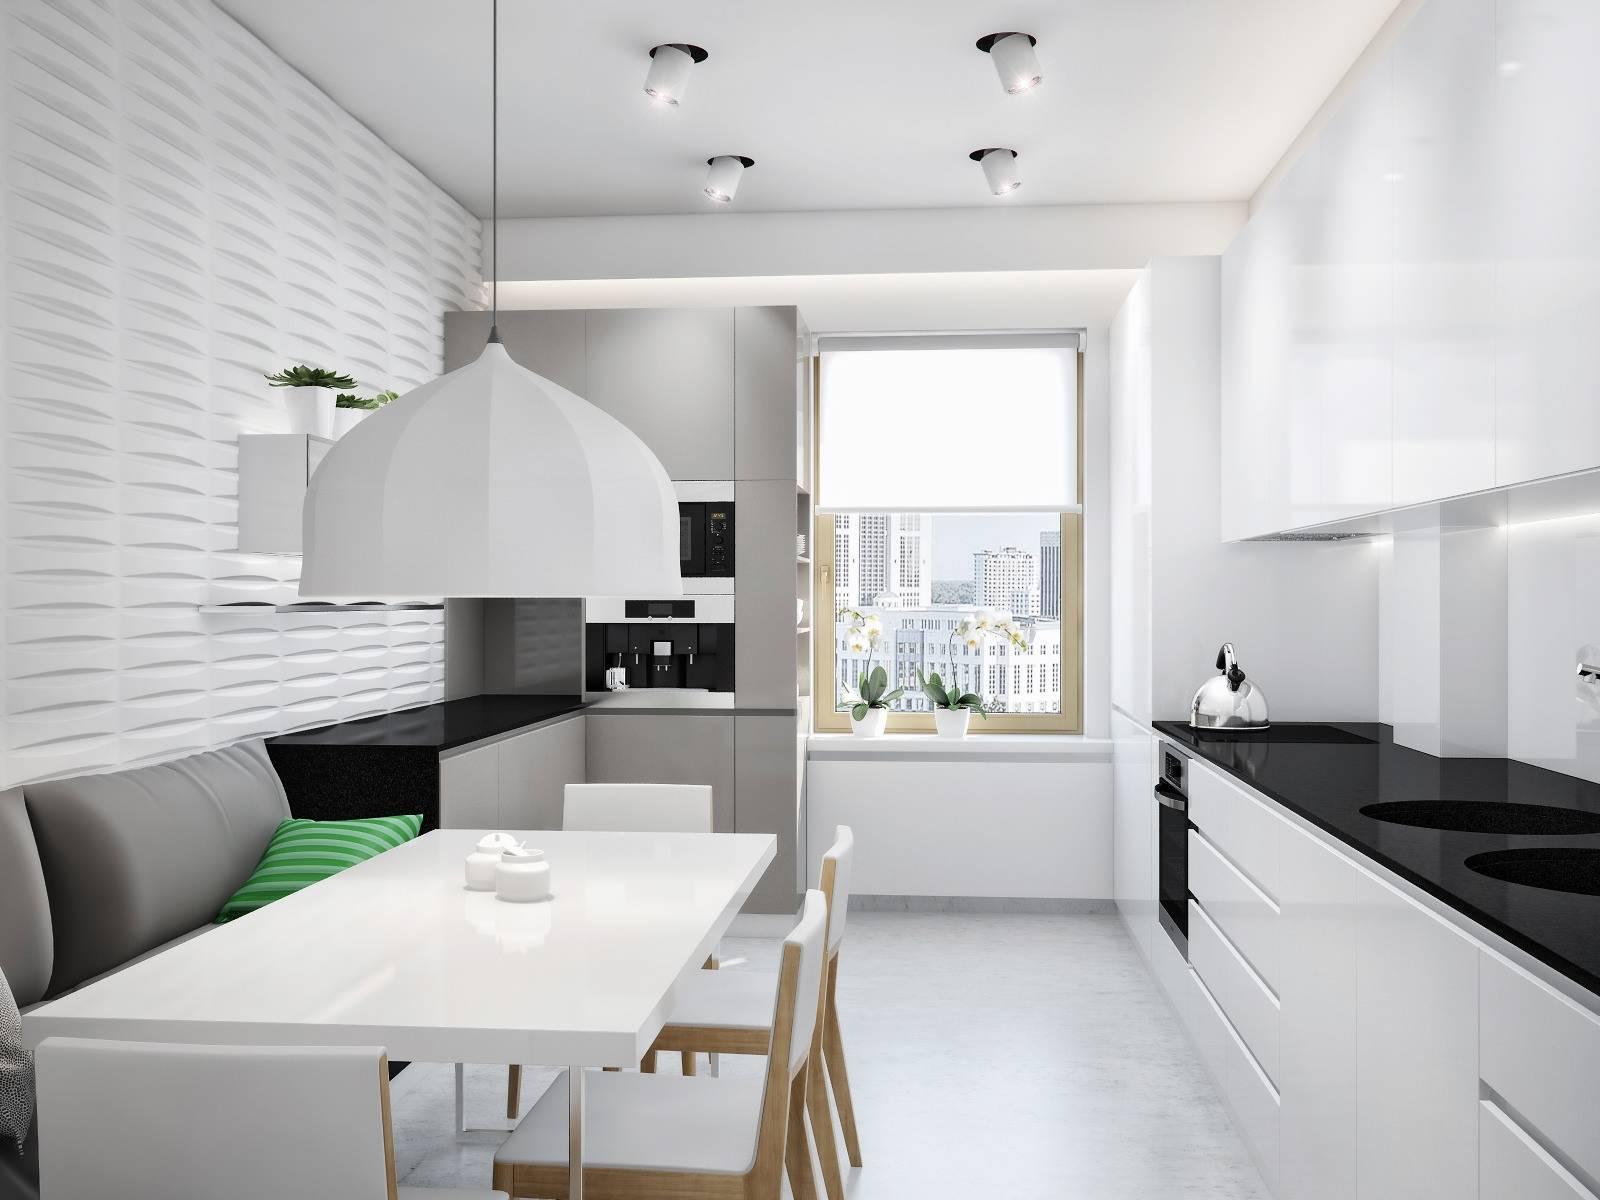 Кухня в стиле минимализм: реальные примеры использования и актуальные идеи оформления (95 фото + видео)